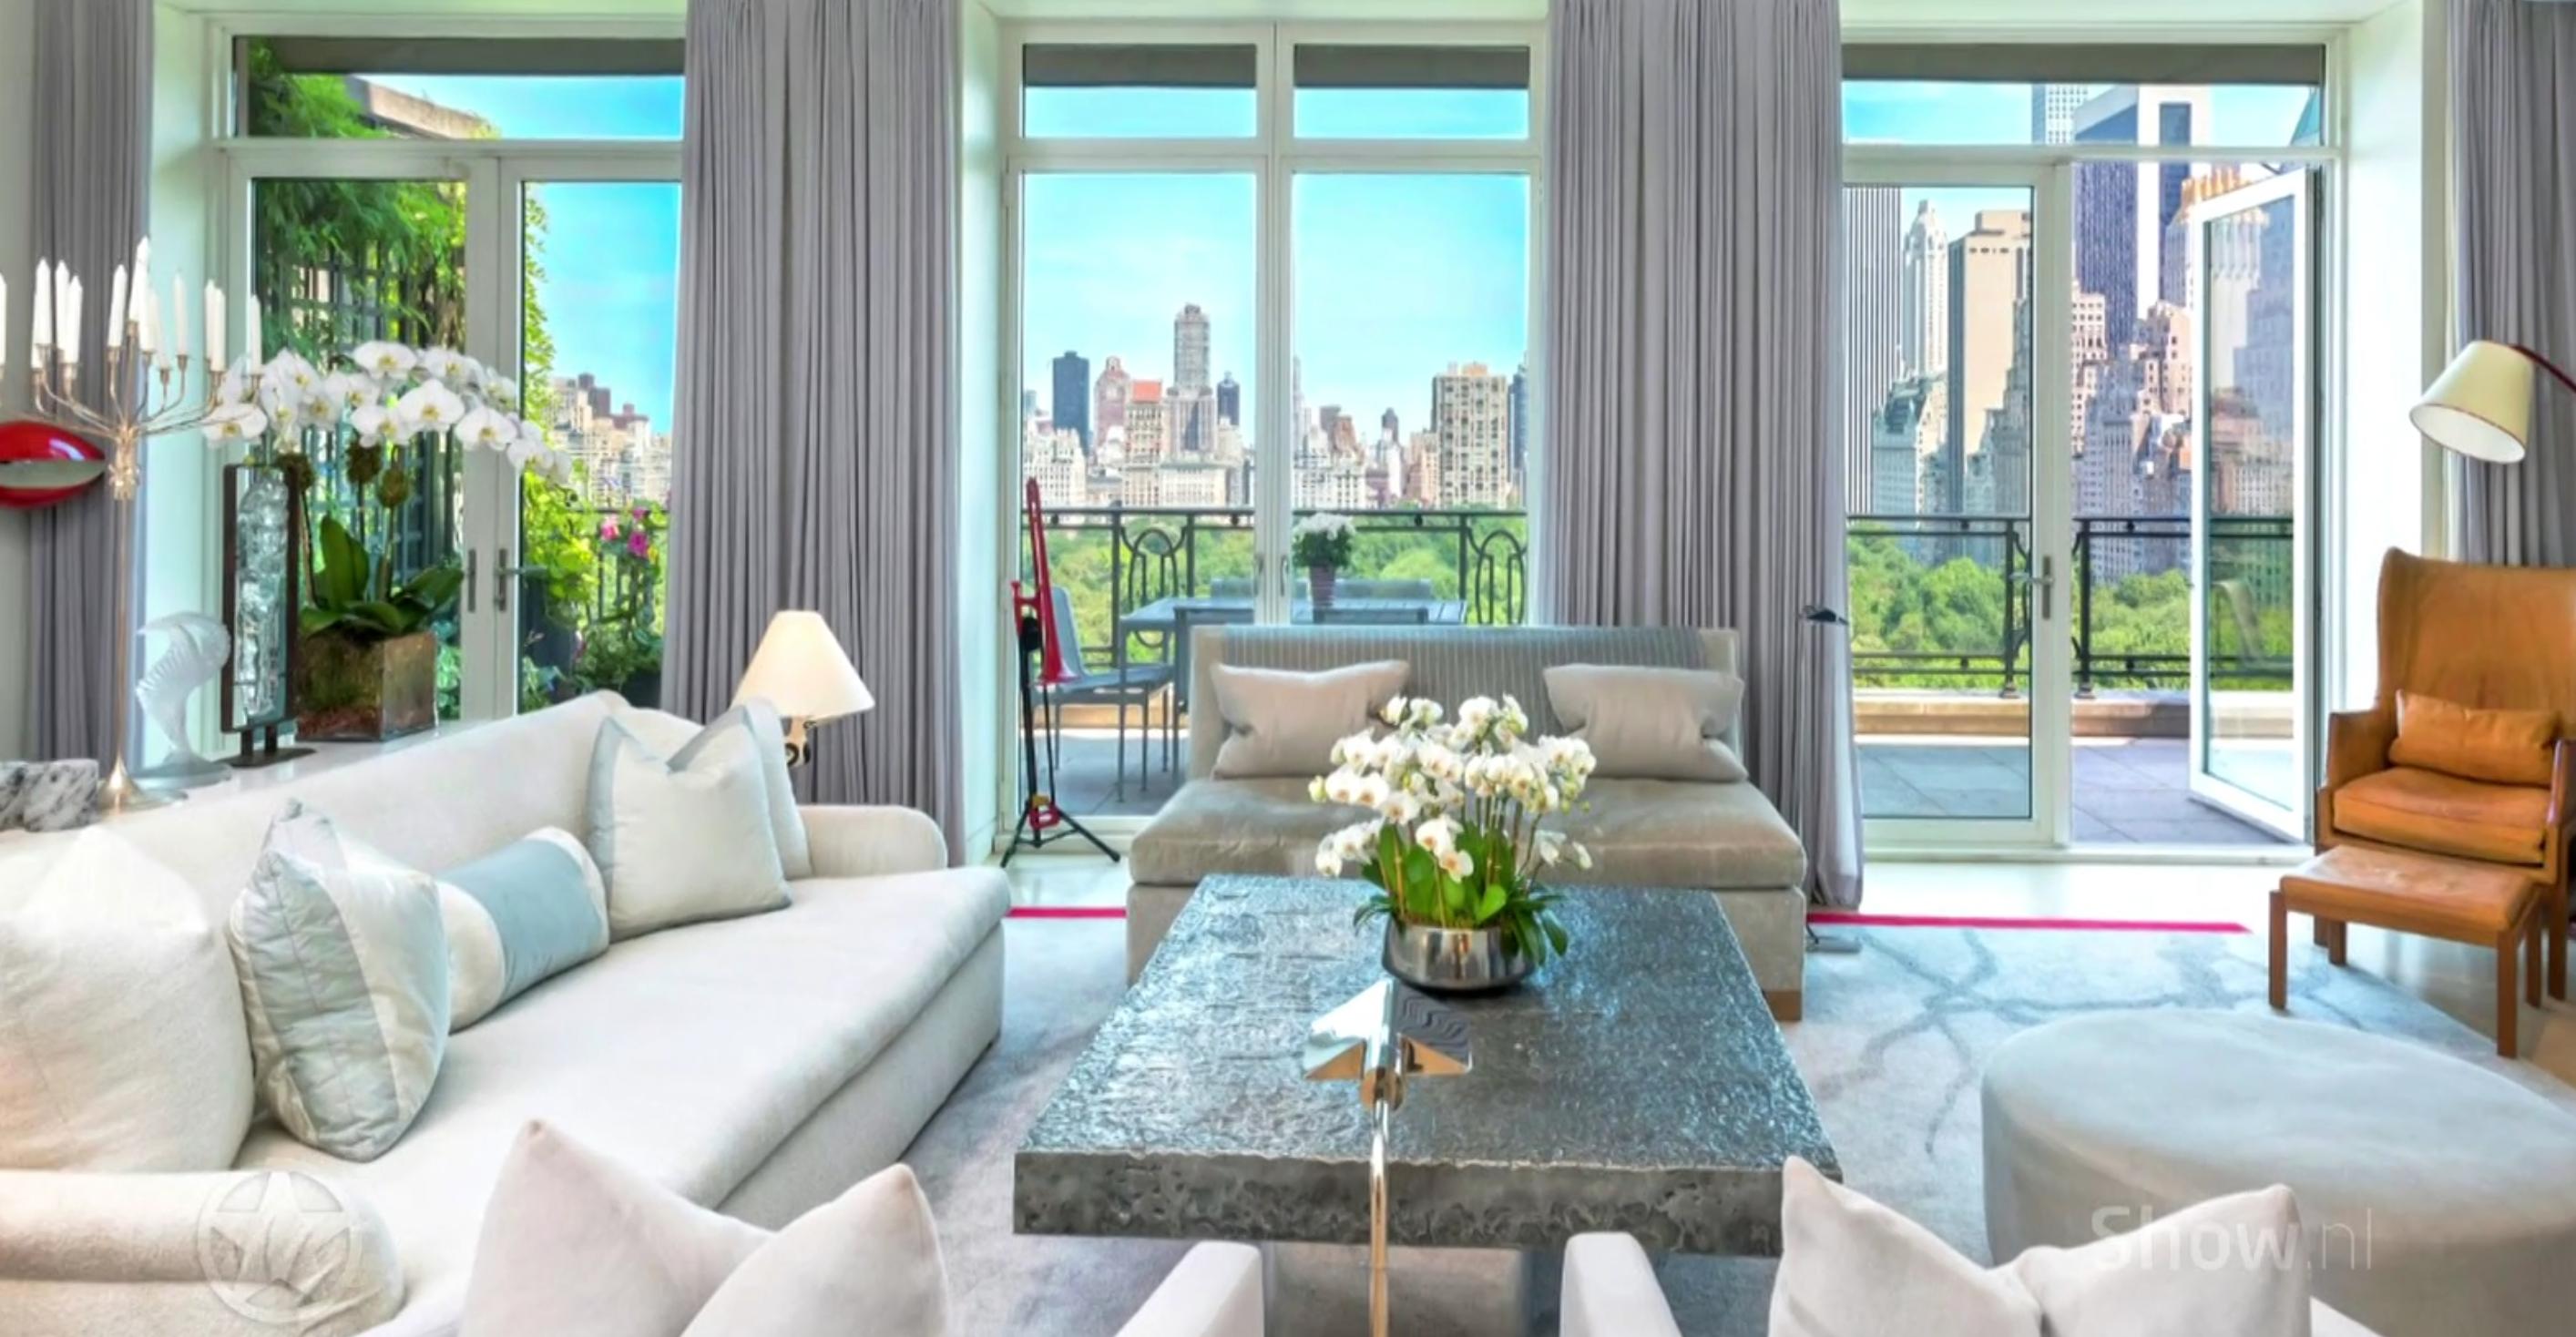 Binnenkijken bij Stings penthouse in New York